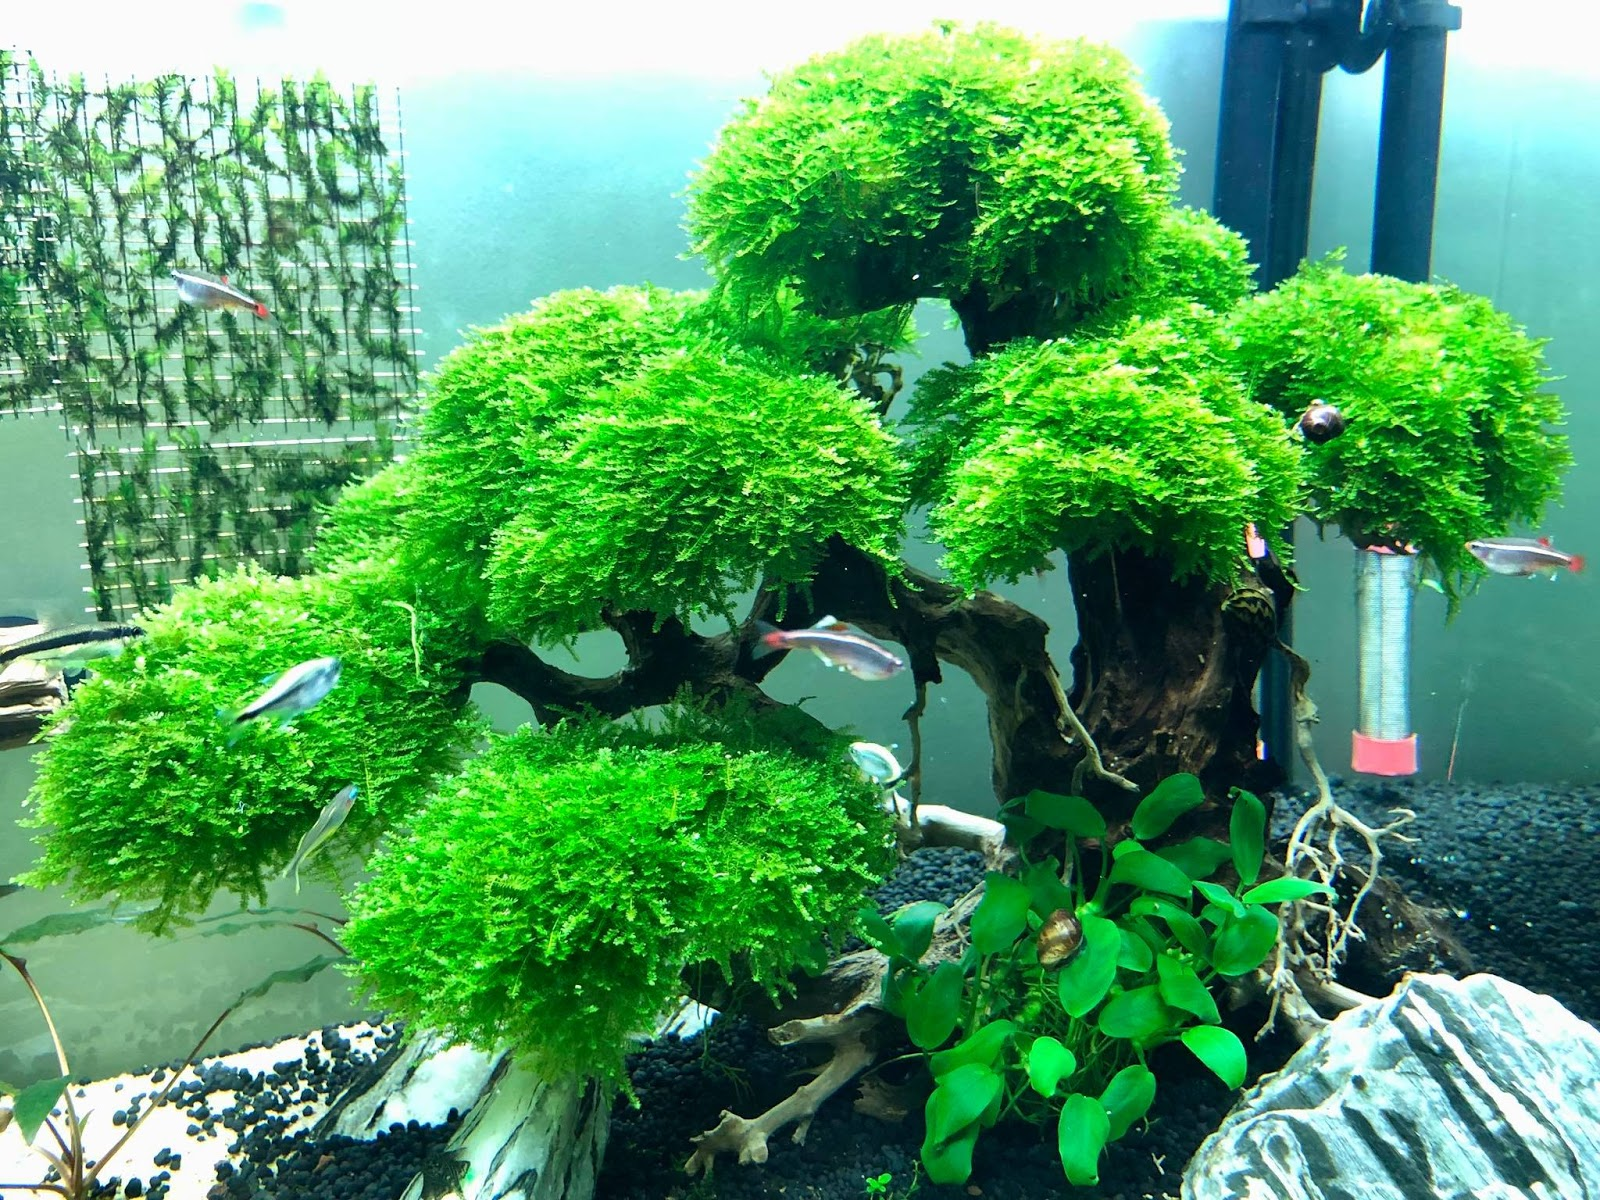 Cây bon sai buộc rêu mini taiwan tuyệt đẹp trong hồ thủy sinh của bạn Bình Bình